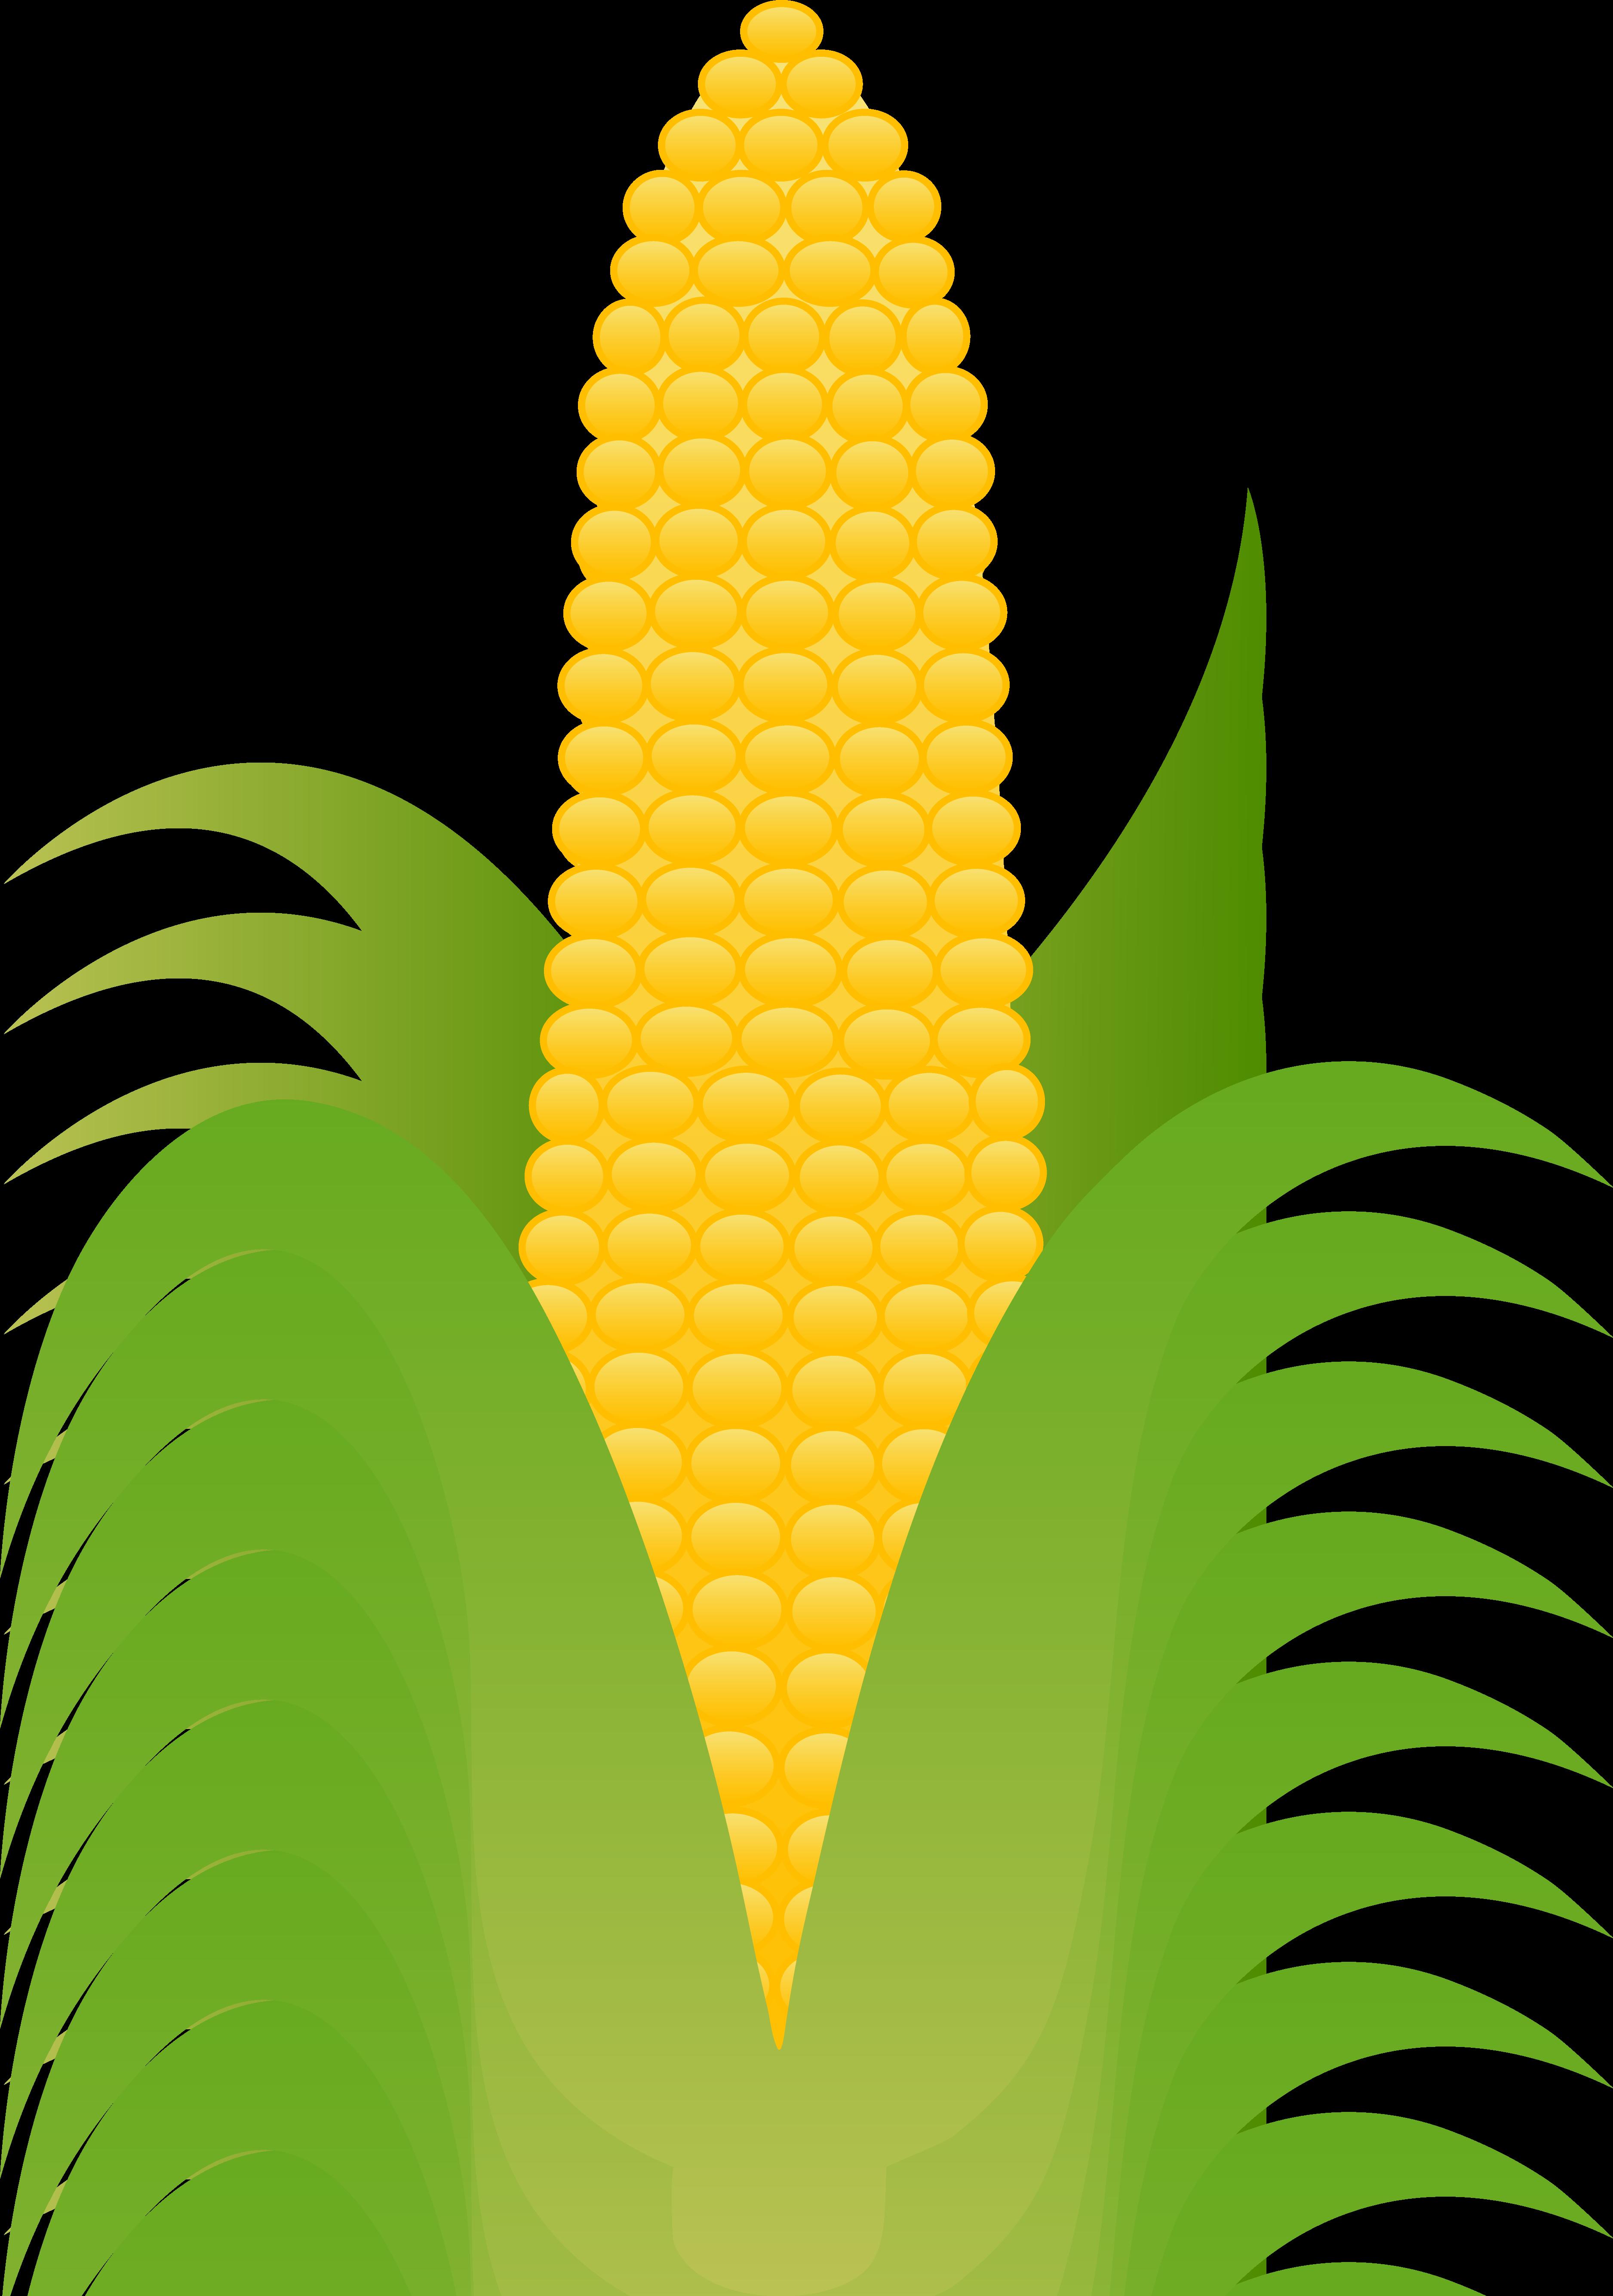 Corn Husk Clipart-Corn Husk Clipart-6